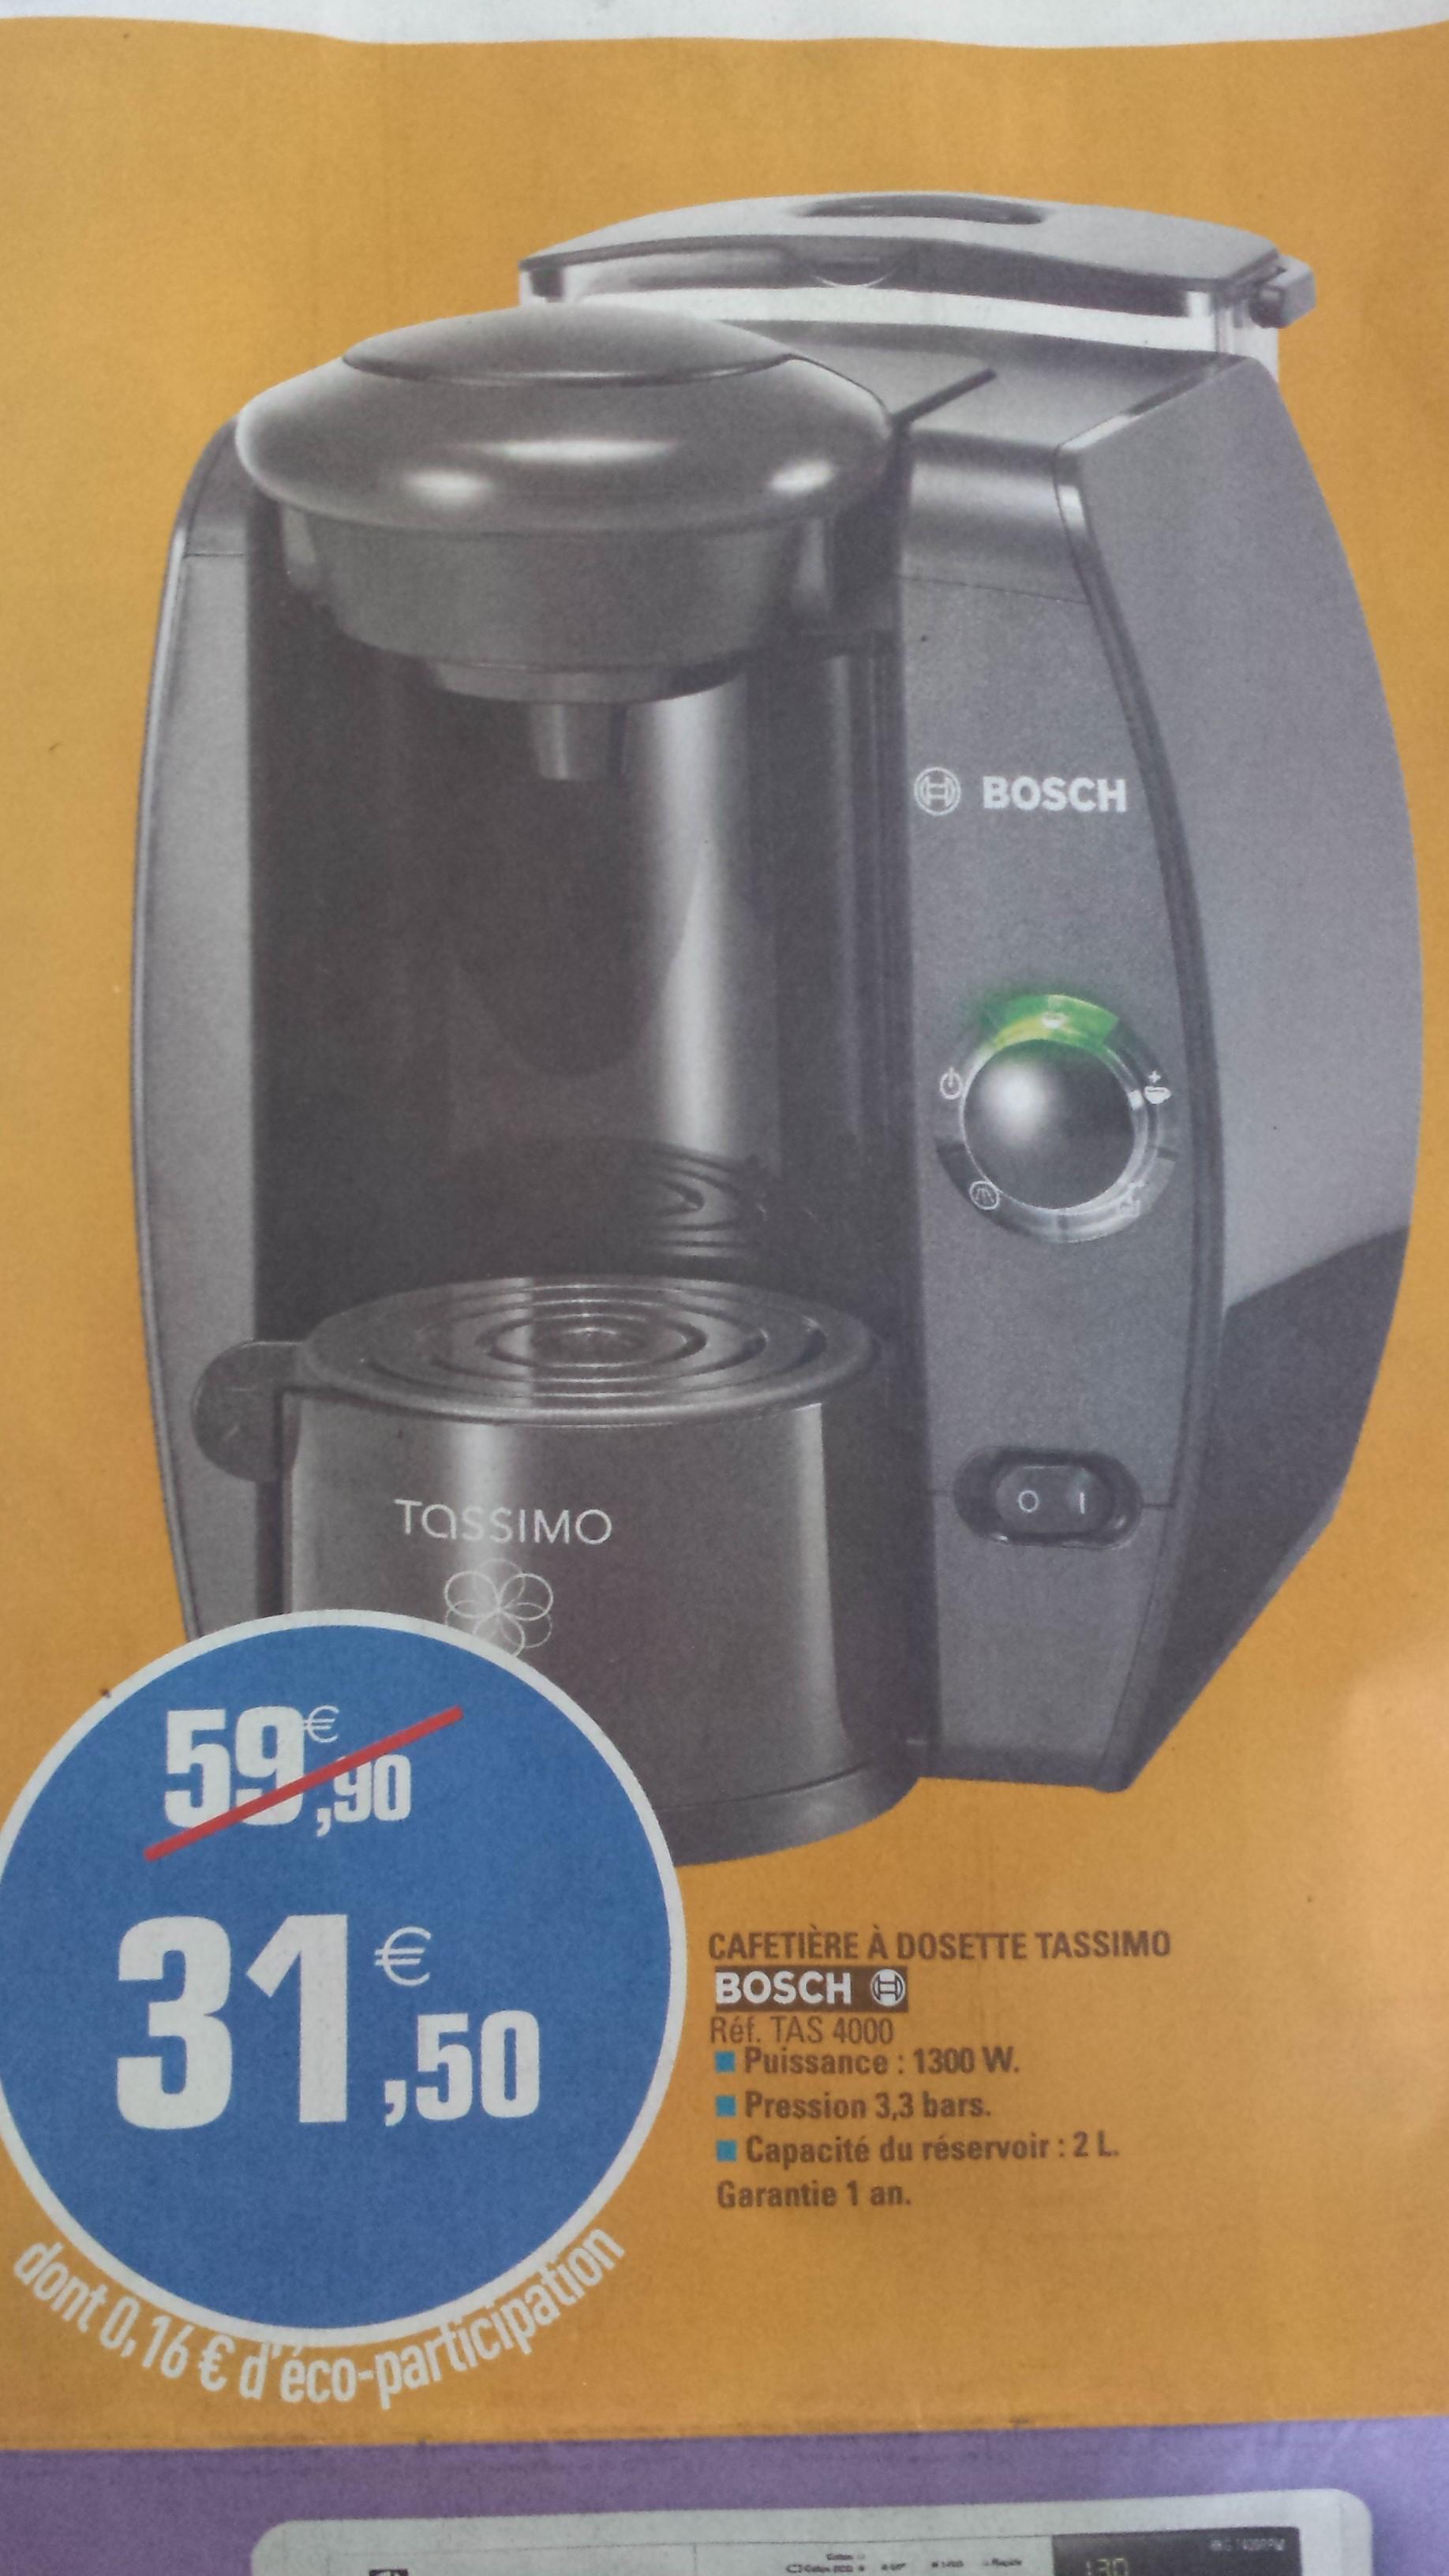 Cafetière à dosette Bosch Tassimo TAS4000